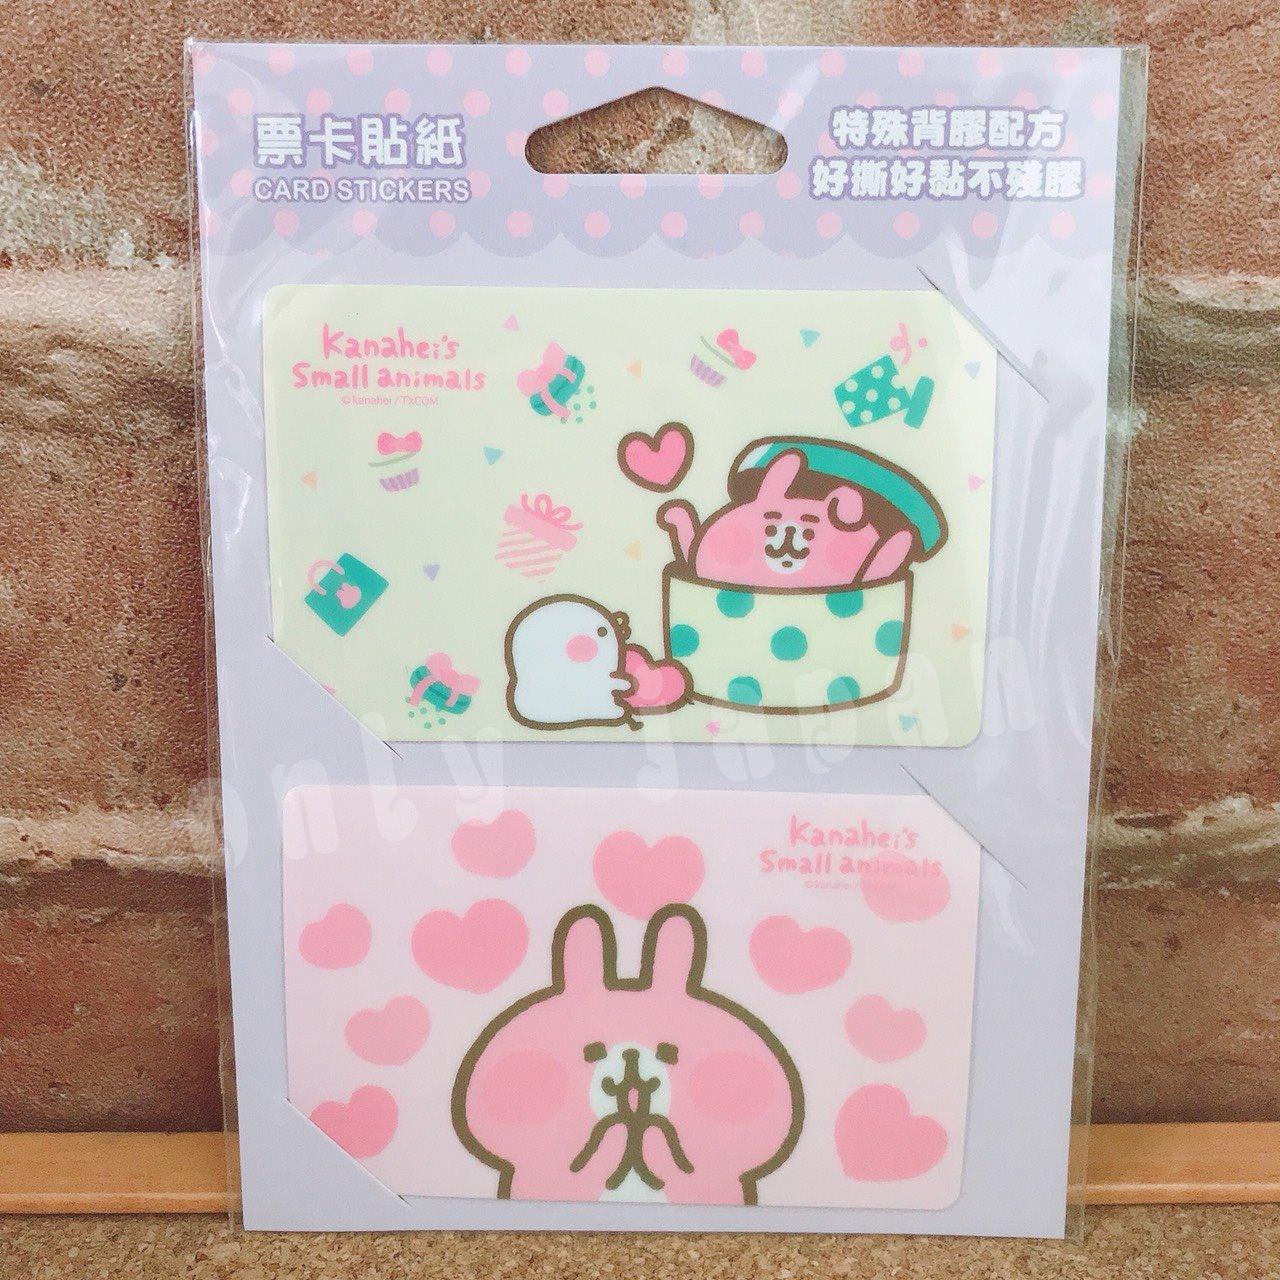 【真愛日本】18040300026 卡娜赫拉票卡貼-禮物愛心 卡娜赫拉的小動物 兔兔 P助 票卡貼紙 悠遊卡貼紙